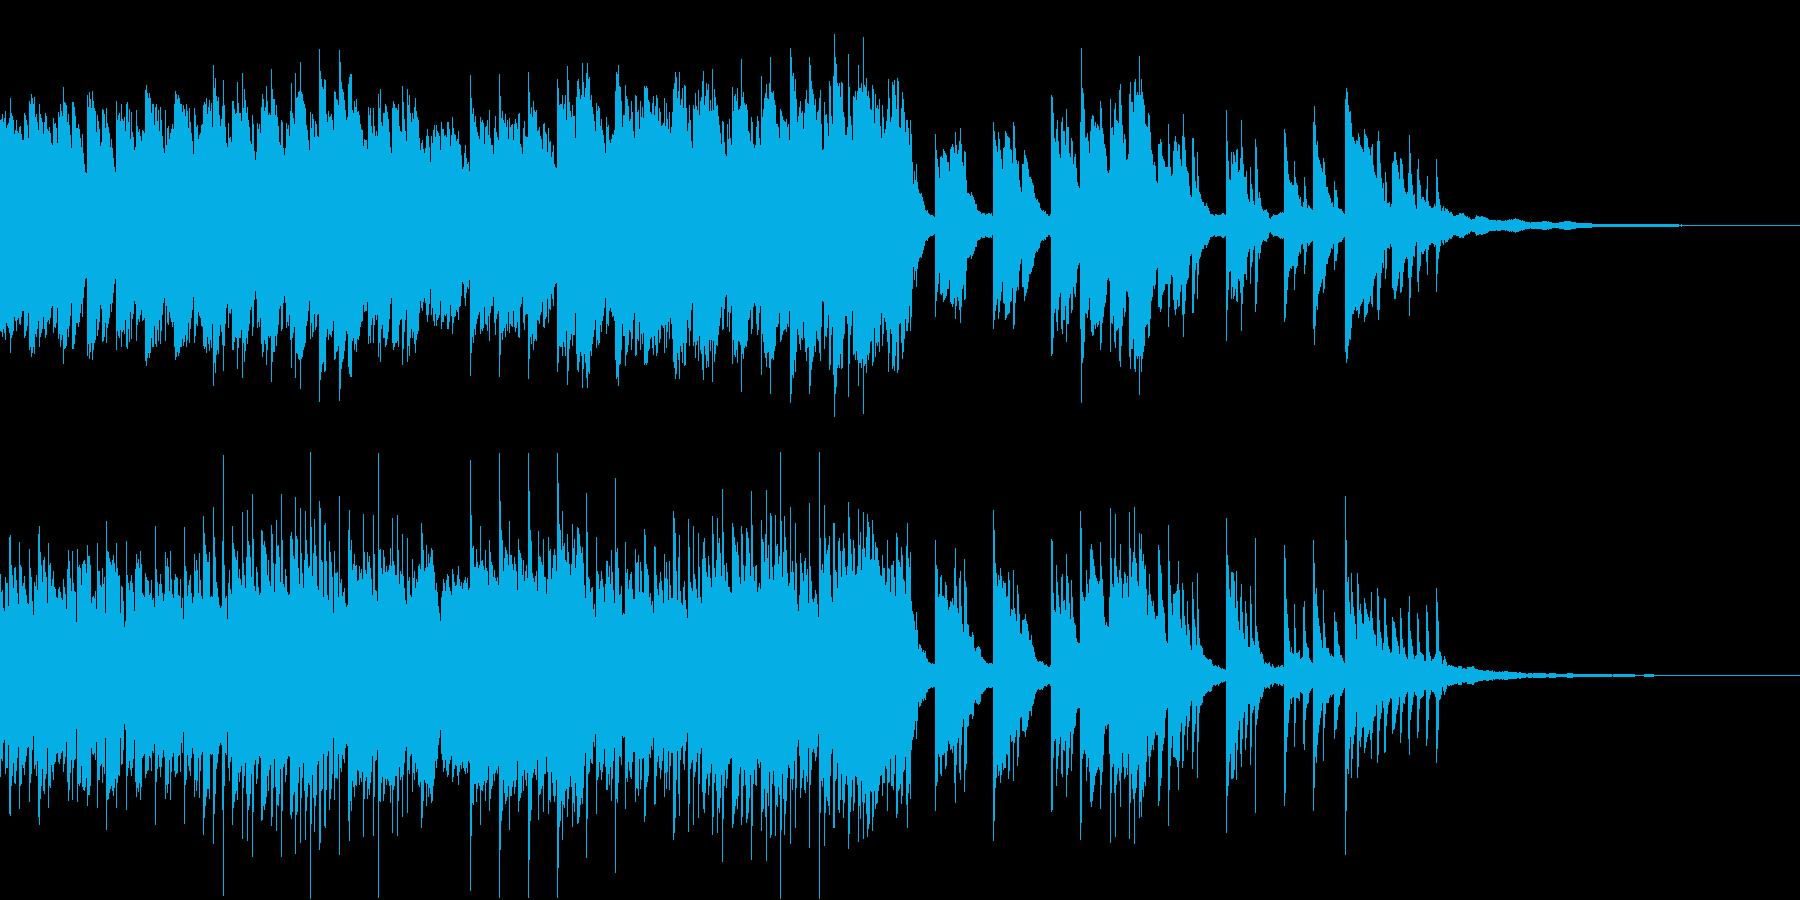 優しくあたたかなピアノバラードの再生済みの波形